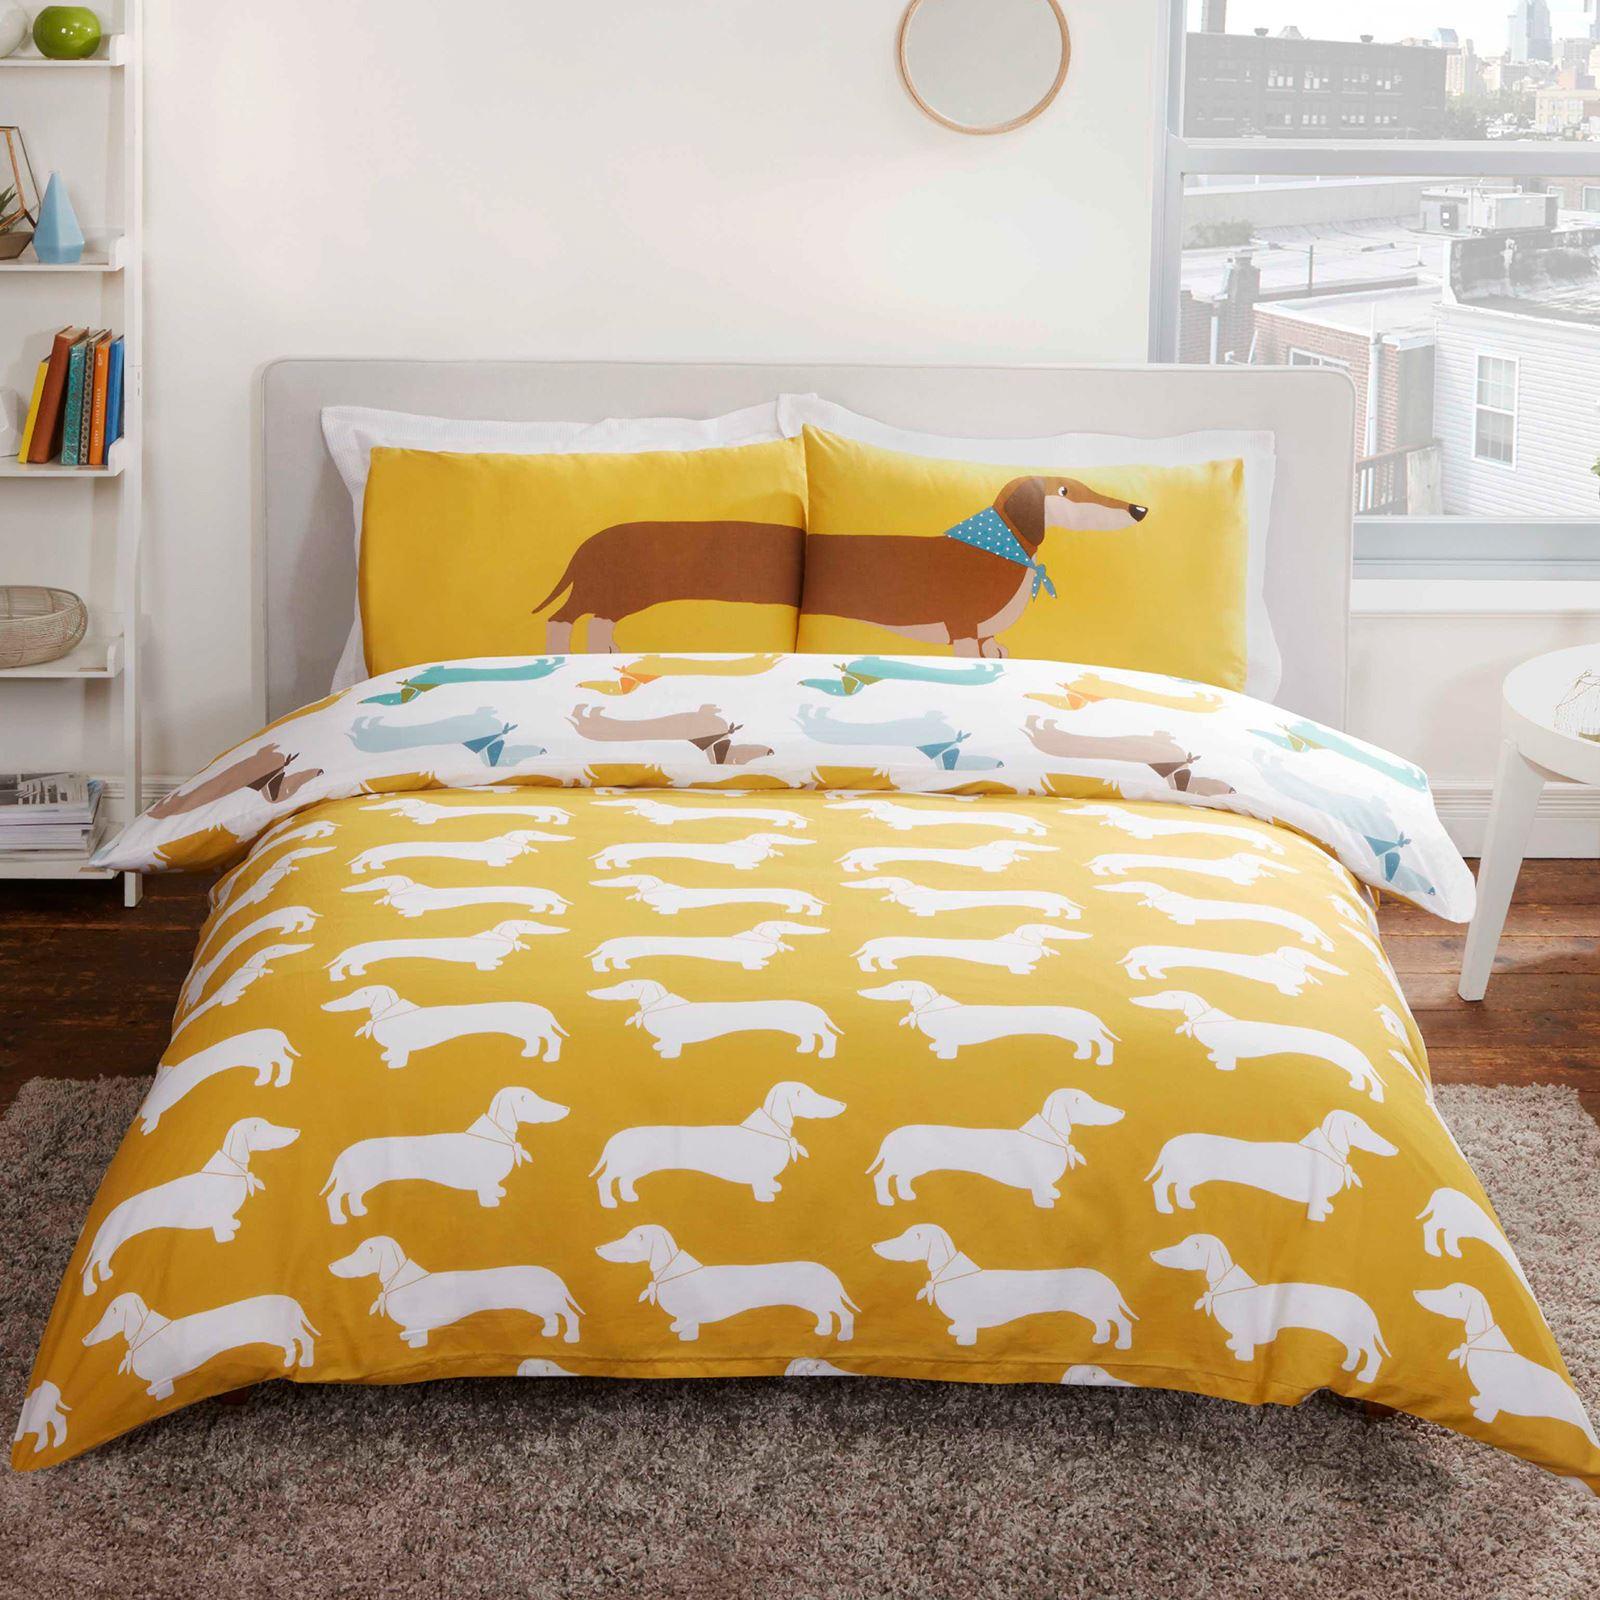 Sausage Dog Duvet Cover Set Bedding Kids Adults Single